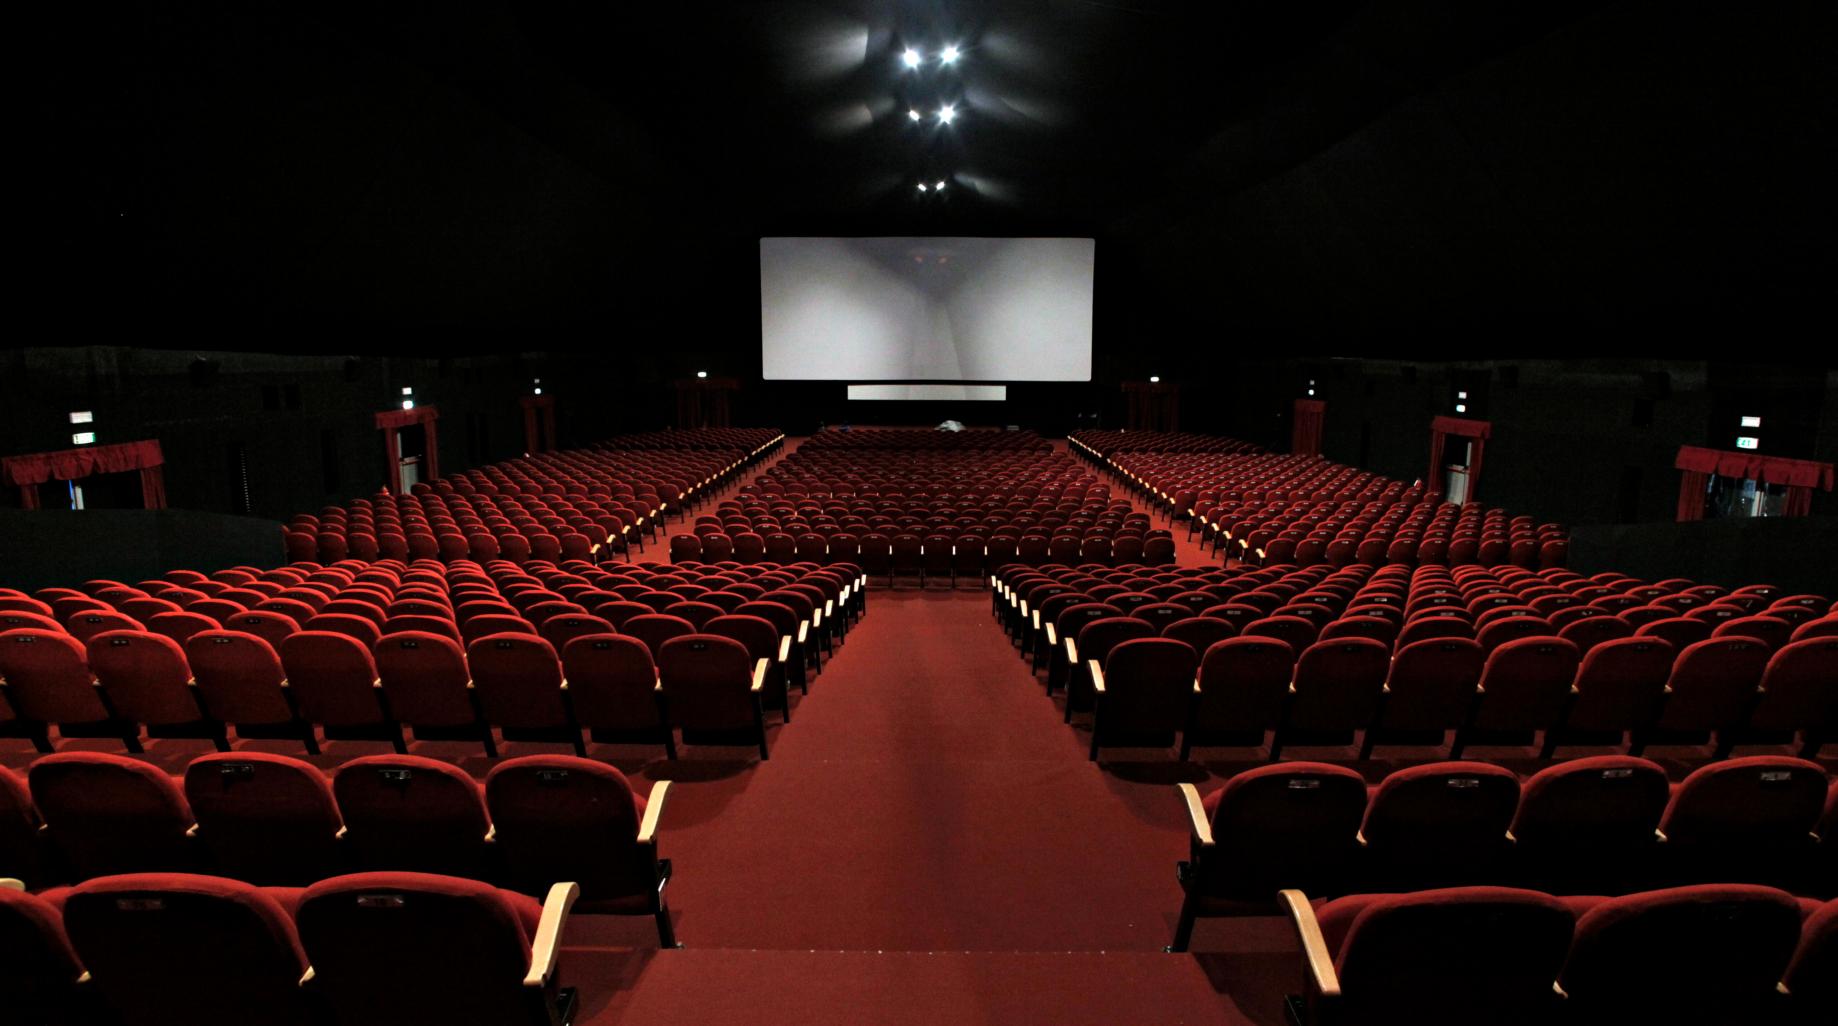 Temperatura dentro de cinema é elevada até 35ºC para conscientizar sobre mudanças climáticas